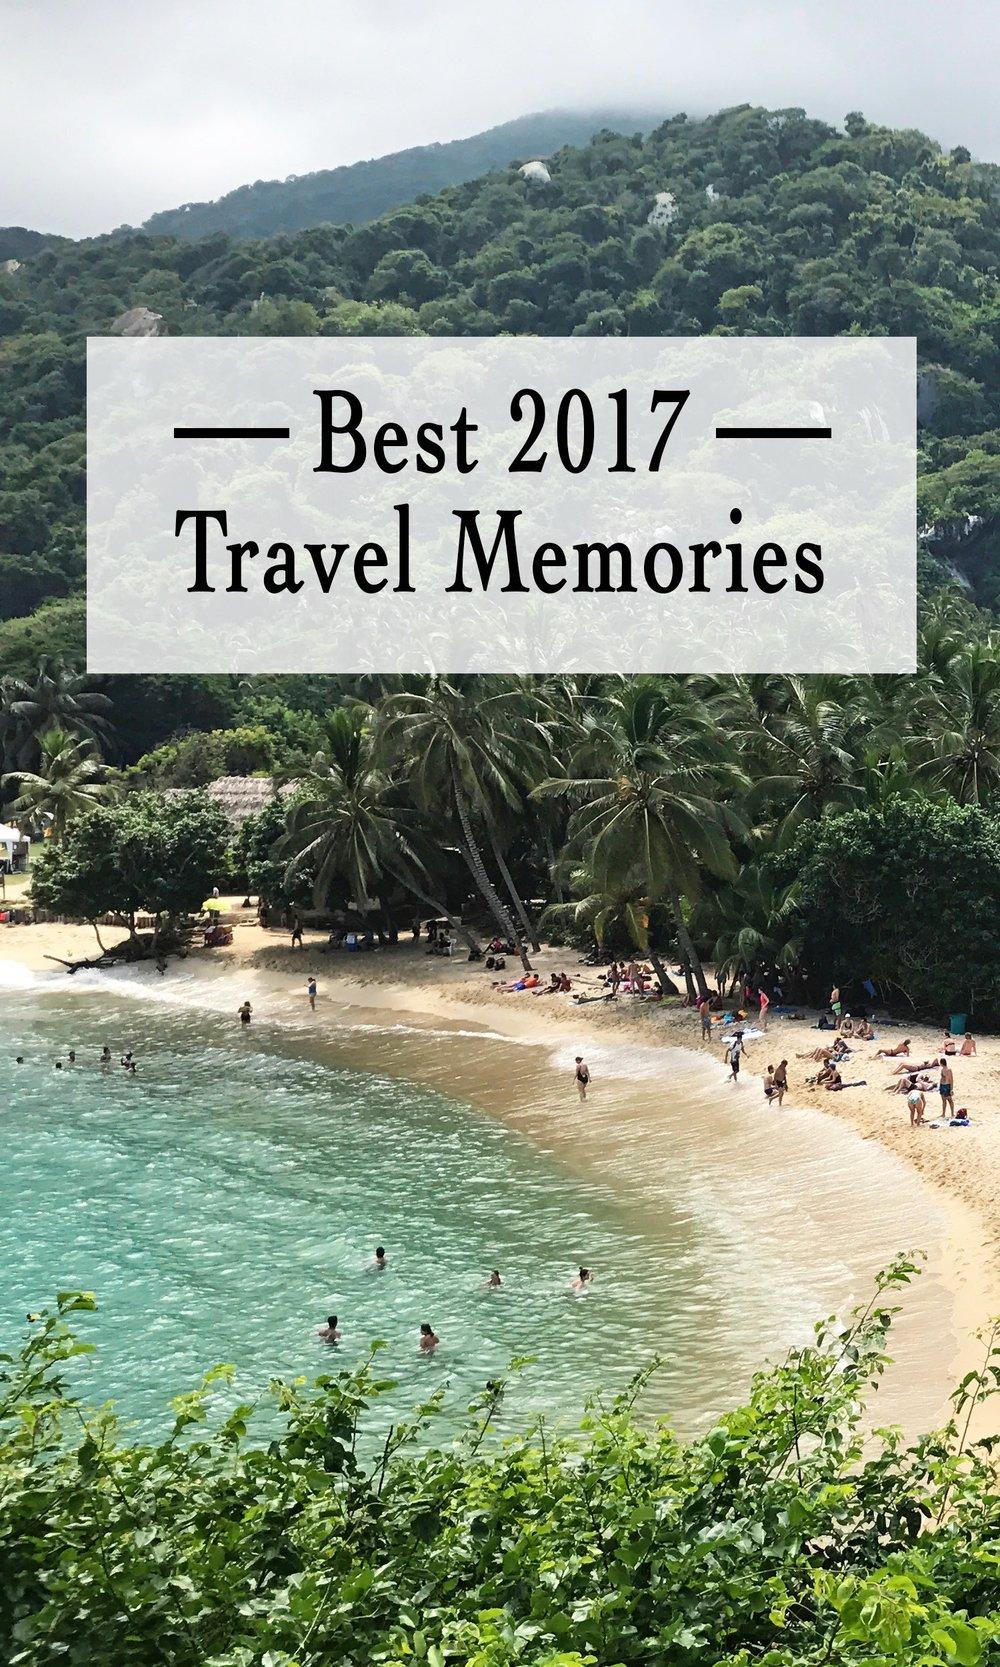 Best-2017-Travel-Memories.jpg